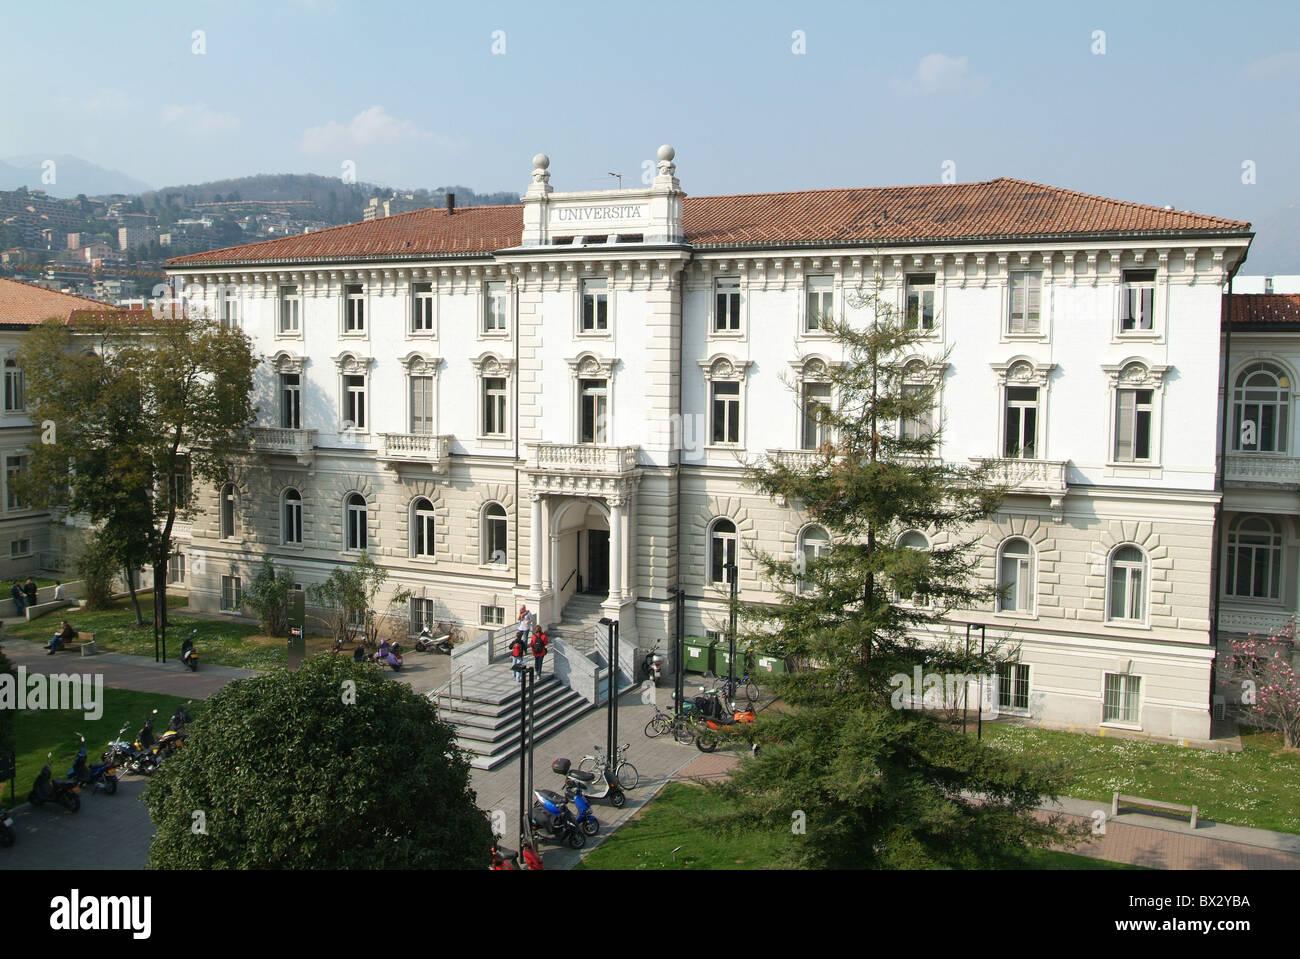 La Università della Svizzera Italiana universidad universidad la construcción educación formación Imagen De Stock